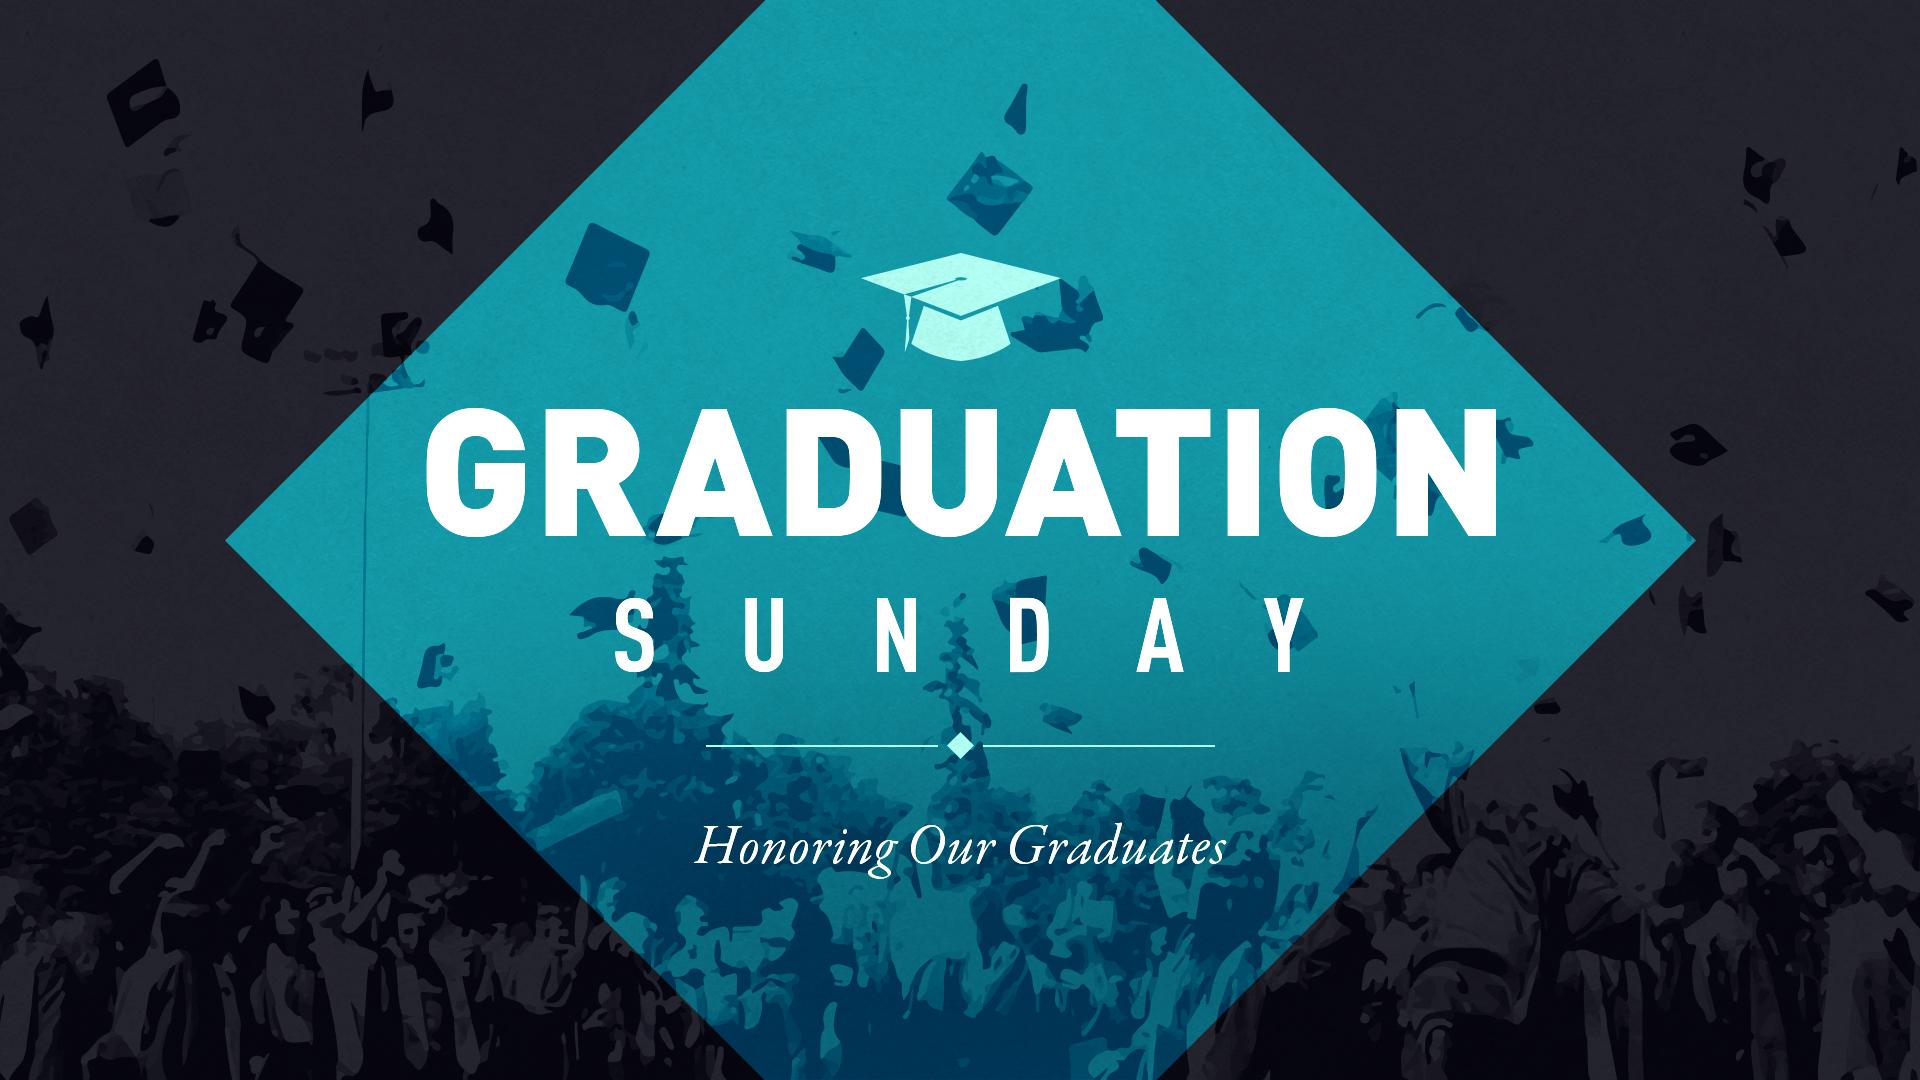 Graduation sunday title still